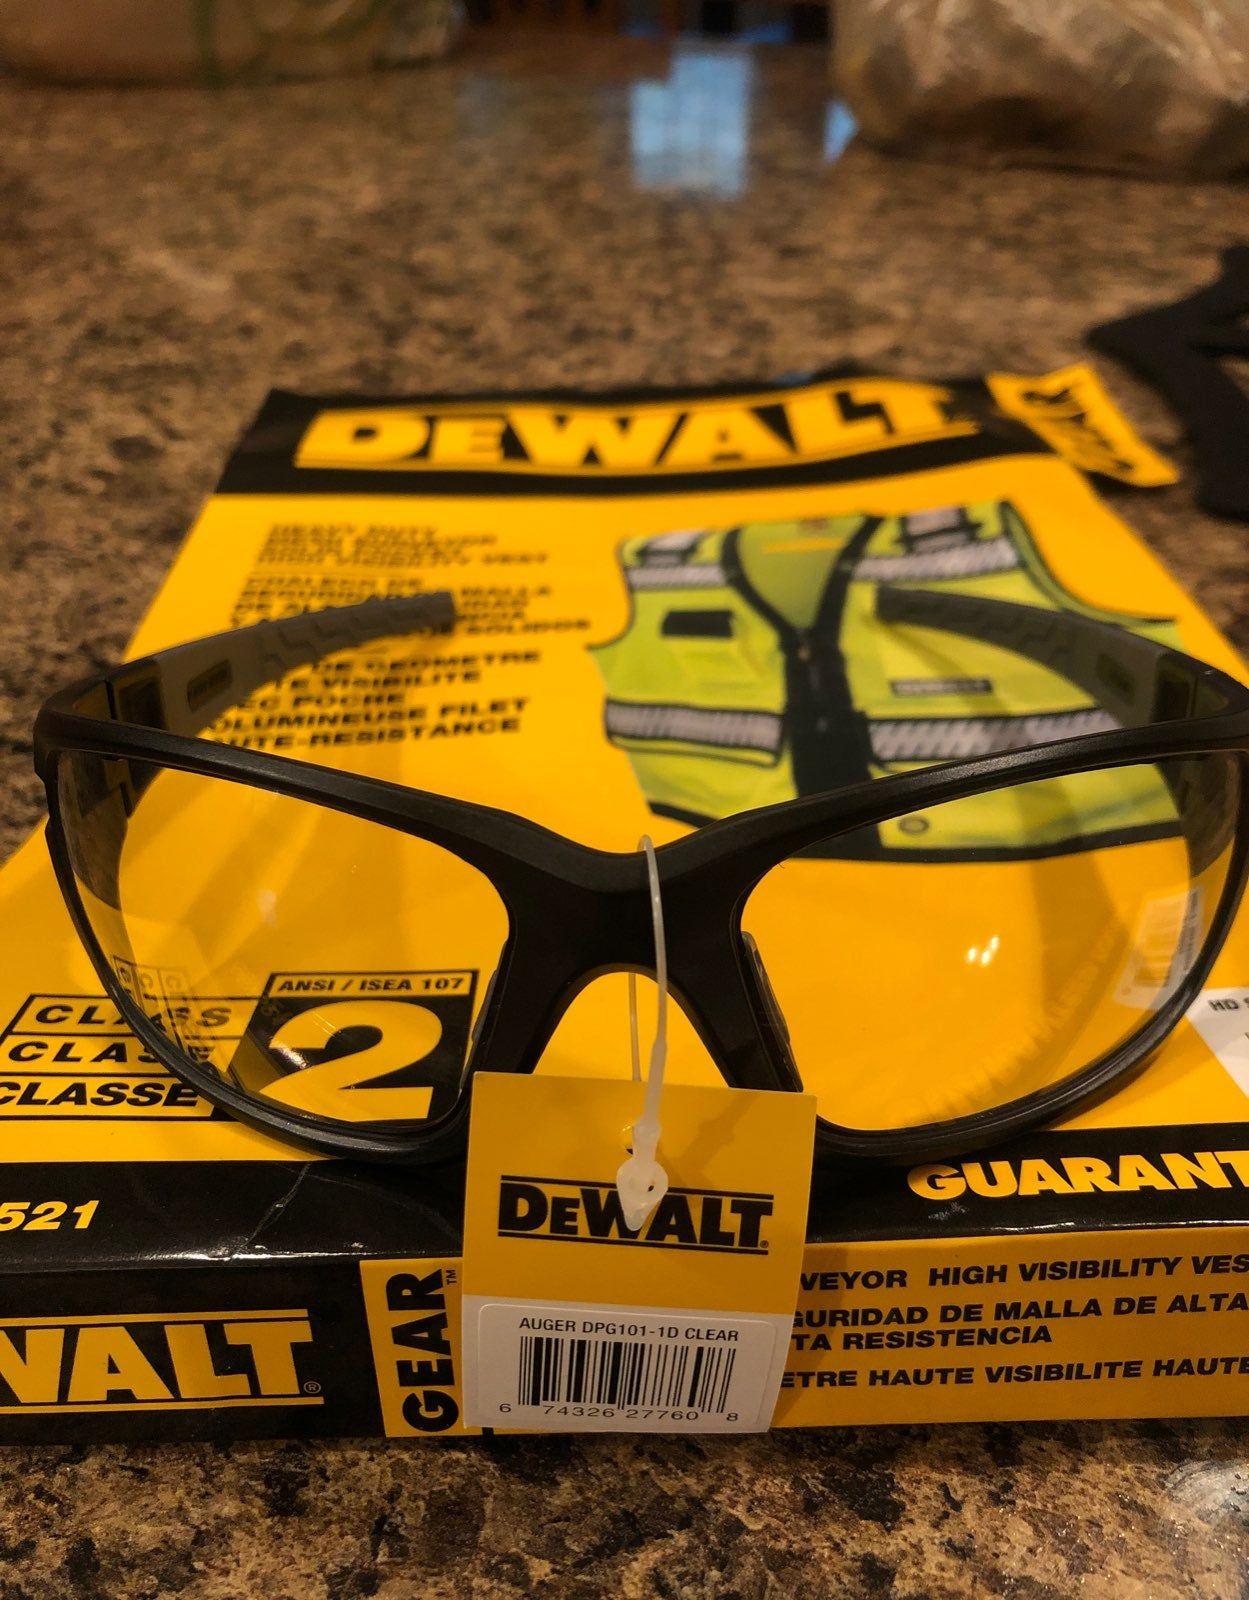 Dewalt clear lens safety glasses auger z87 compliant